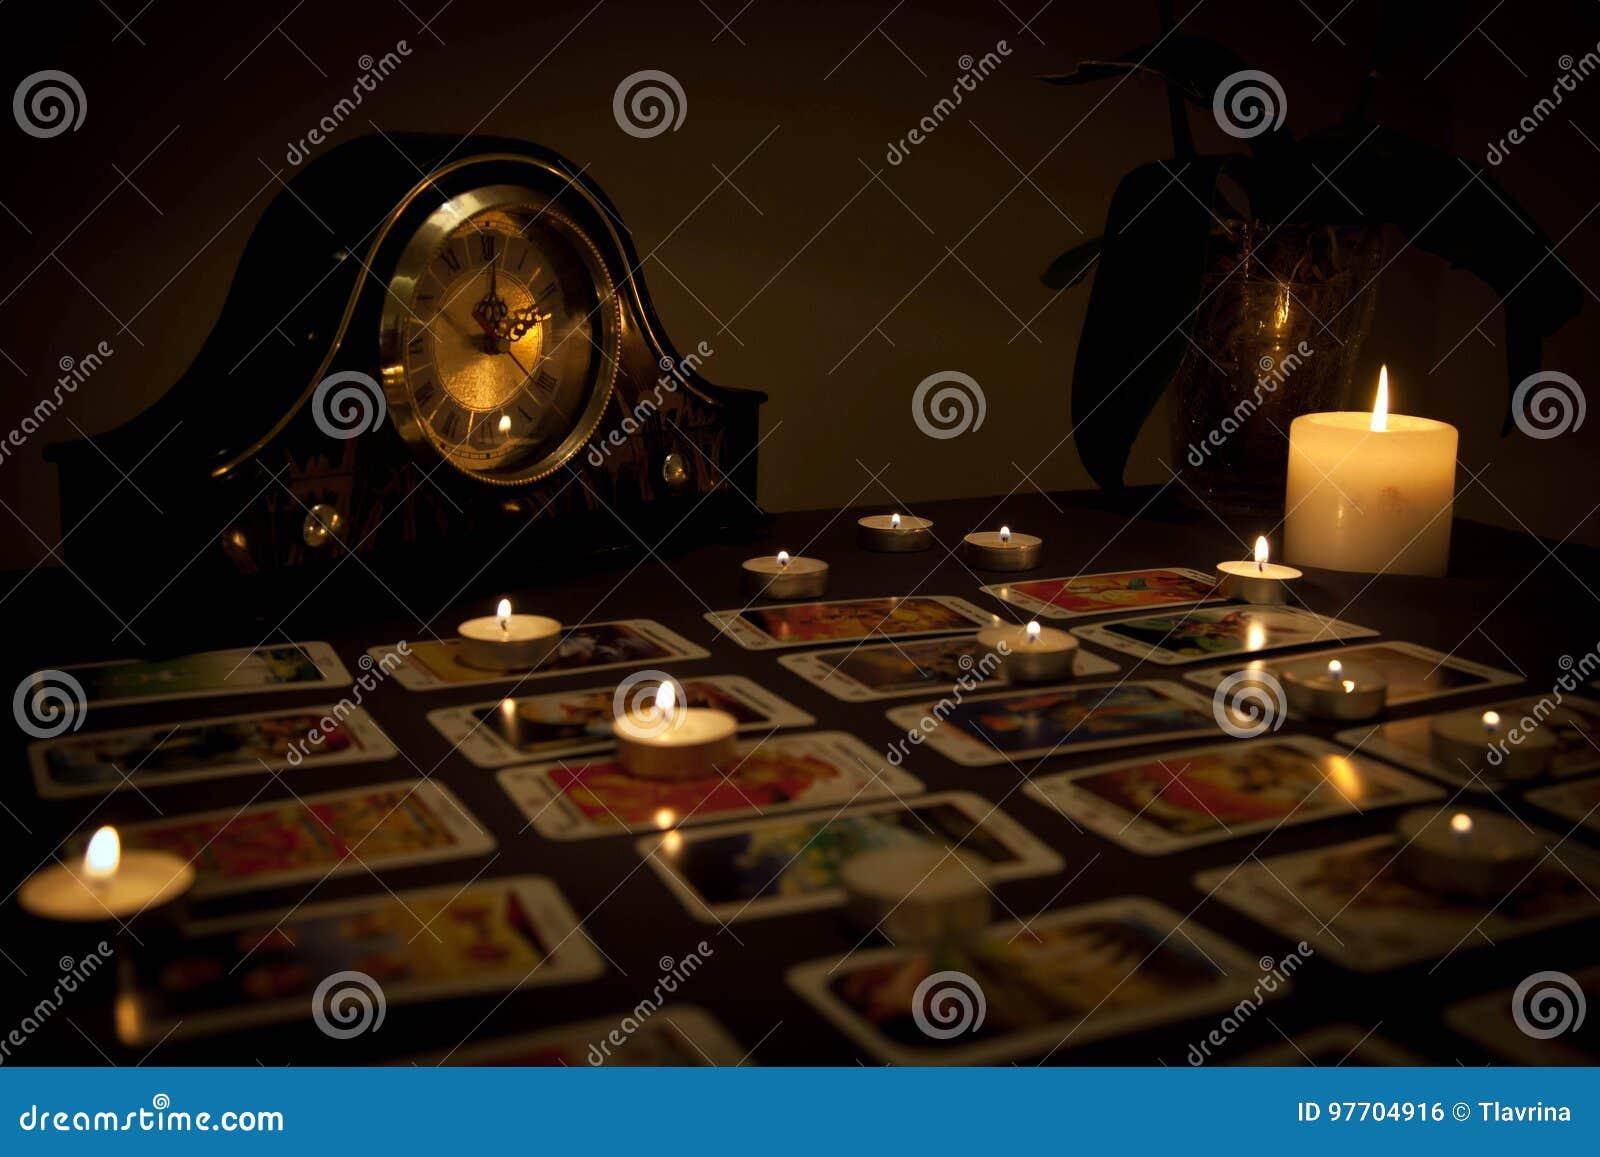 Cartomancie mystique avec les bougies et les cartes mises le feu de jouer dans d